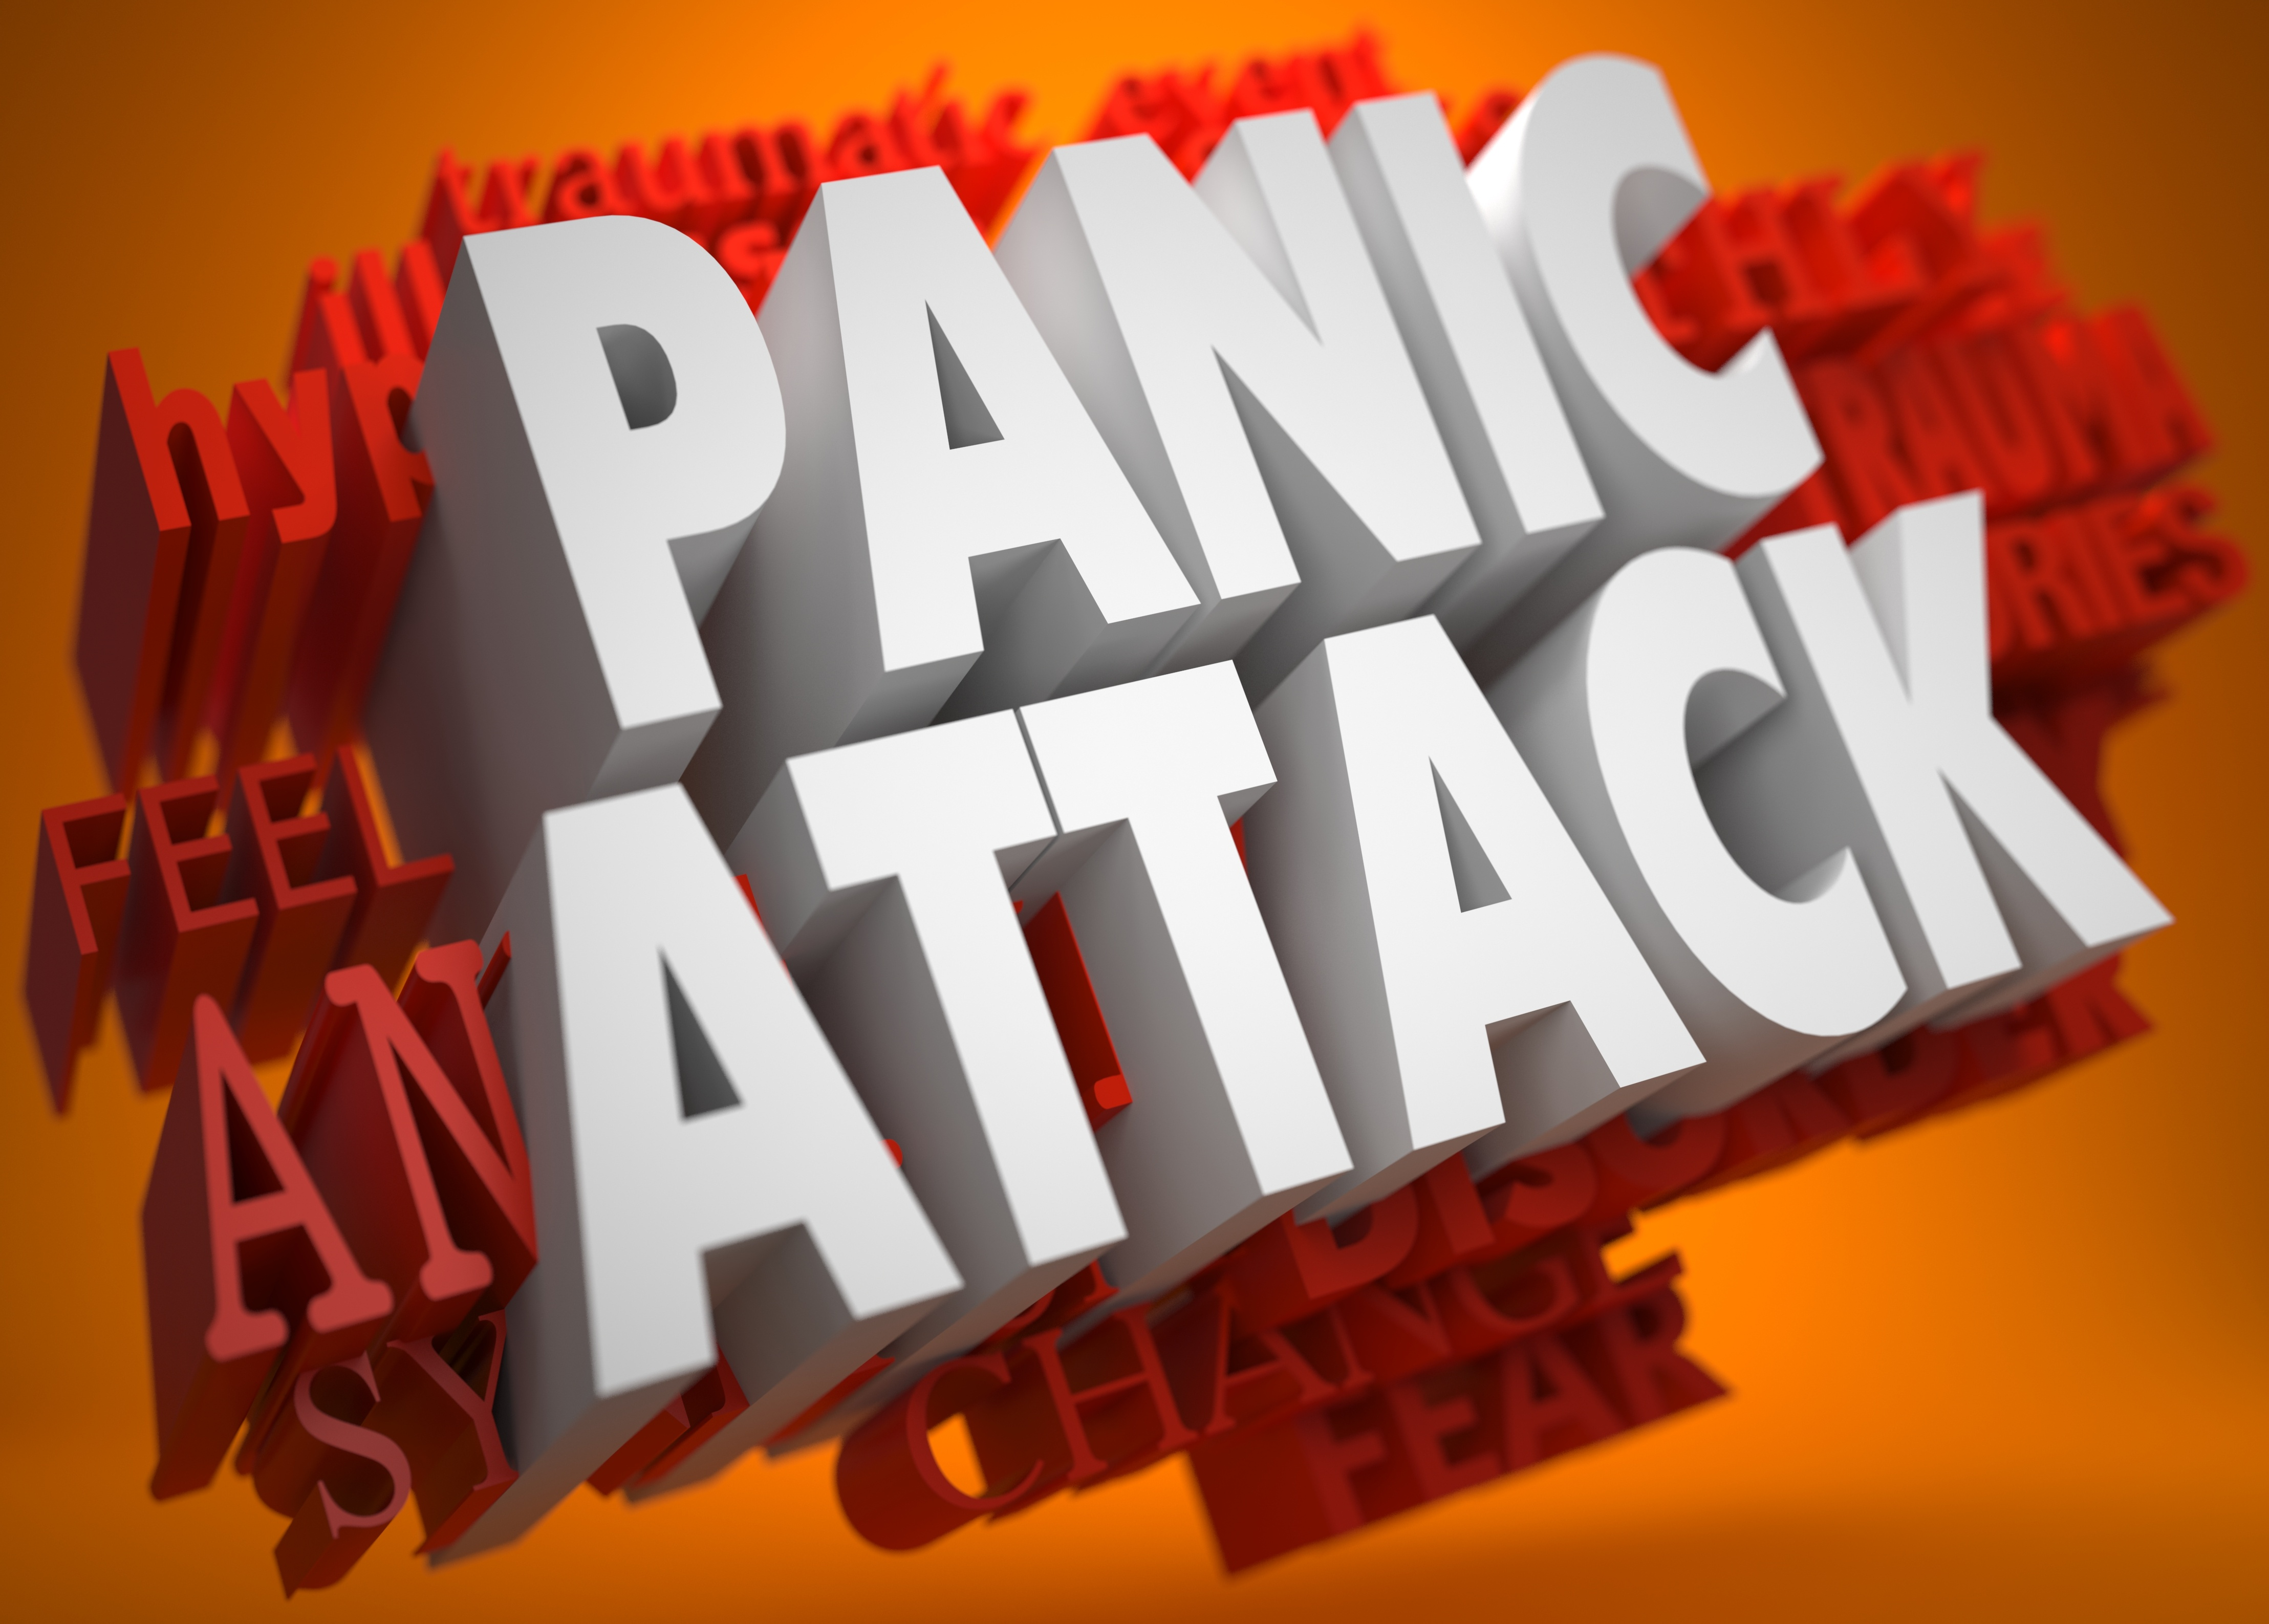 паническая атака